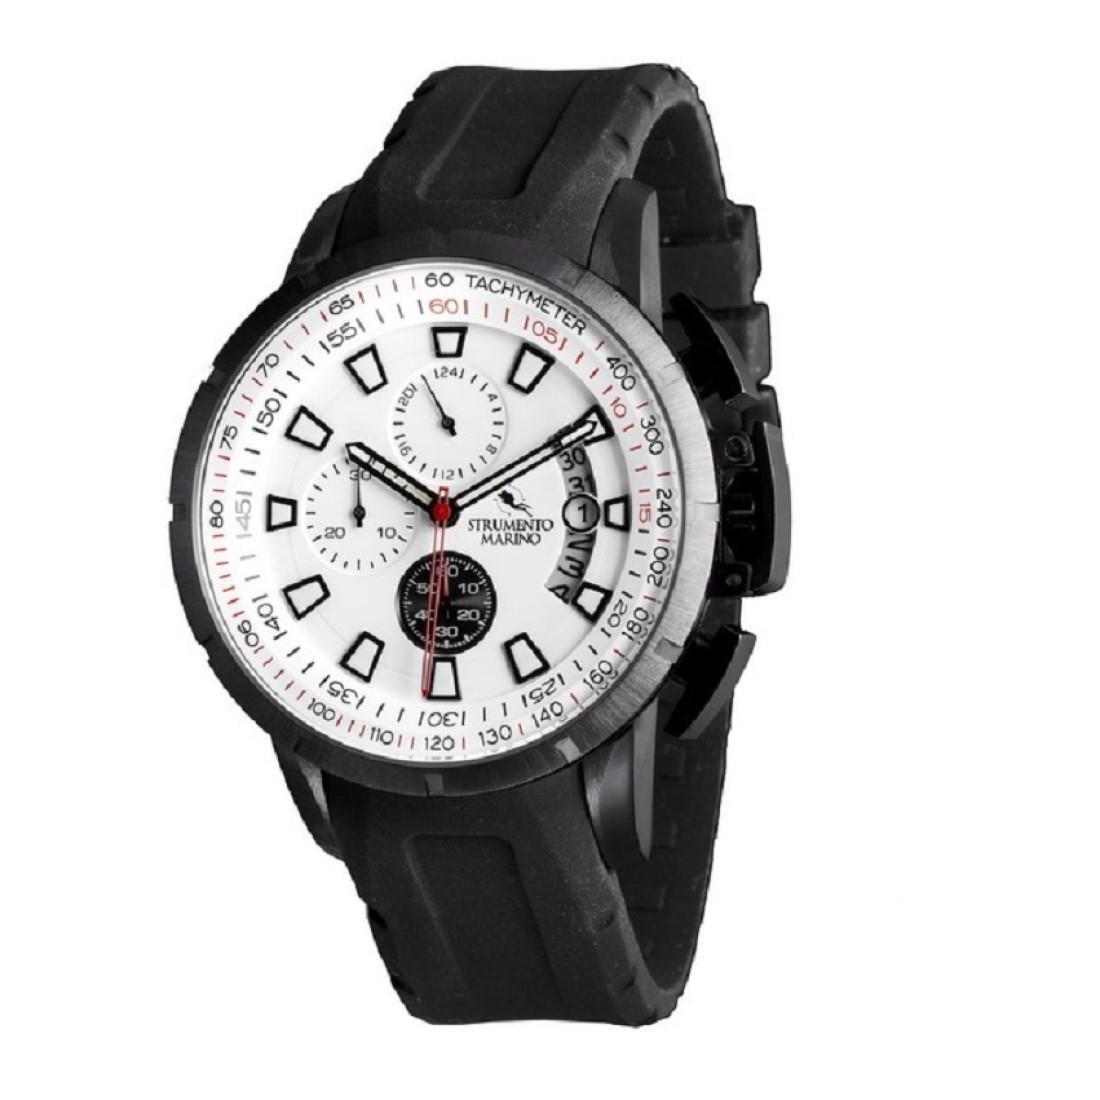 Caja de reloj 46 mm - STRUMENTO MARINO